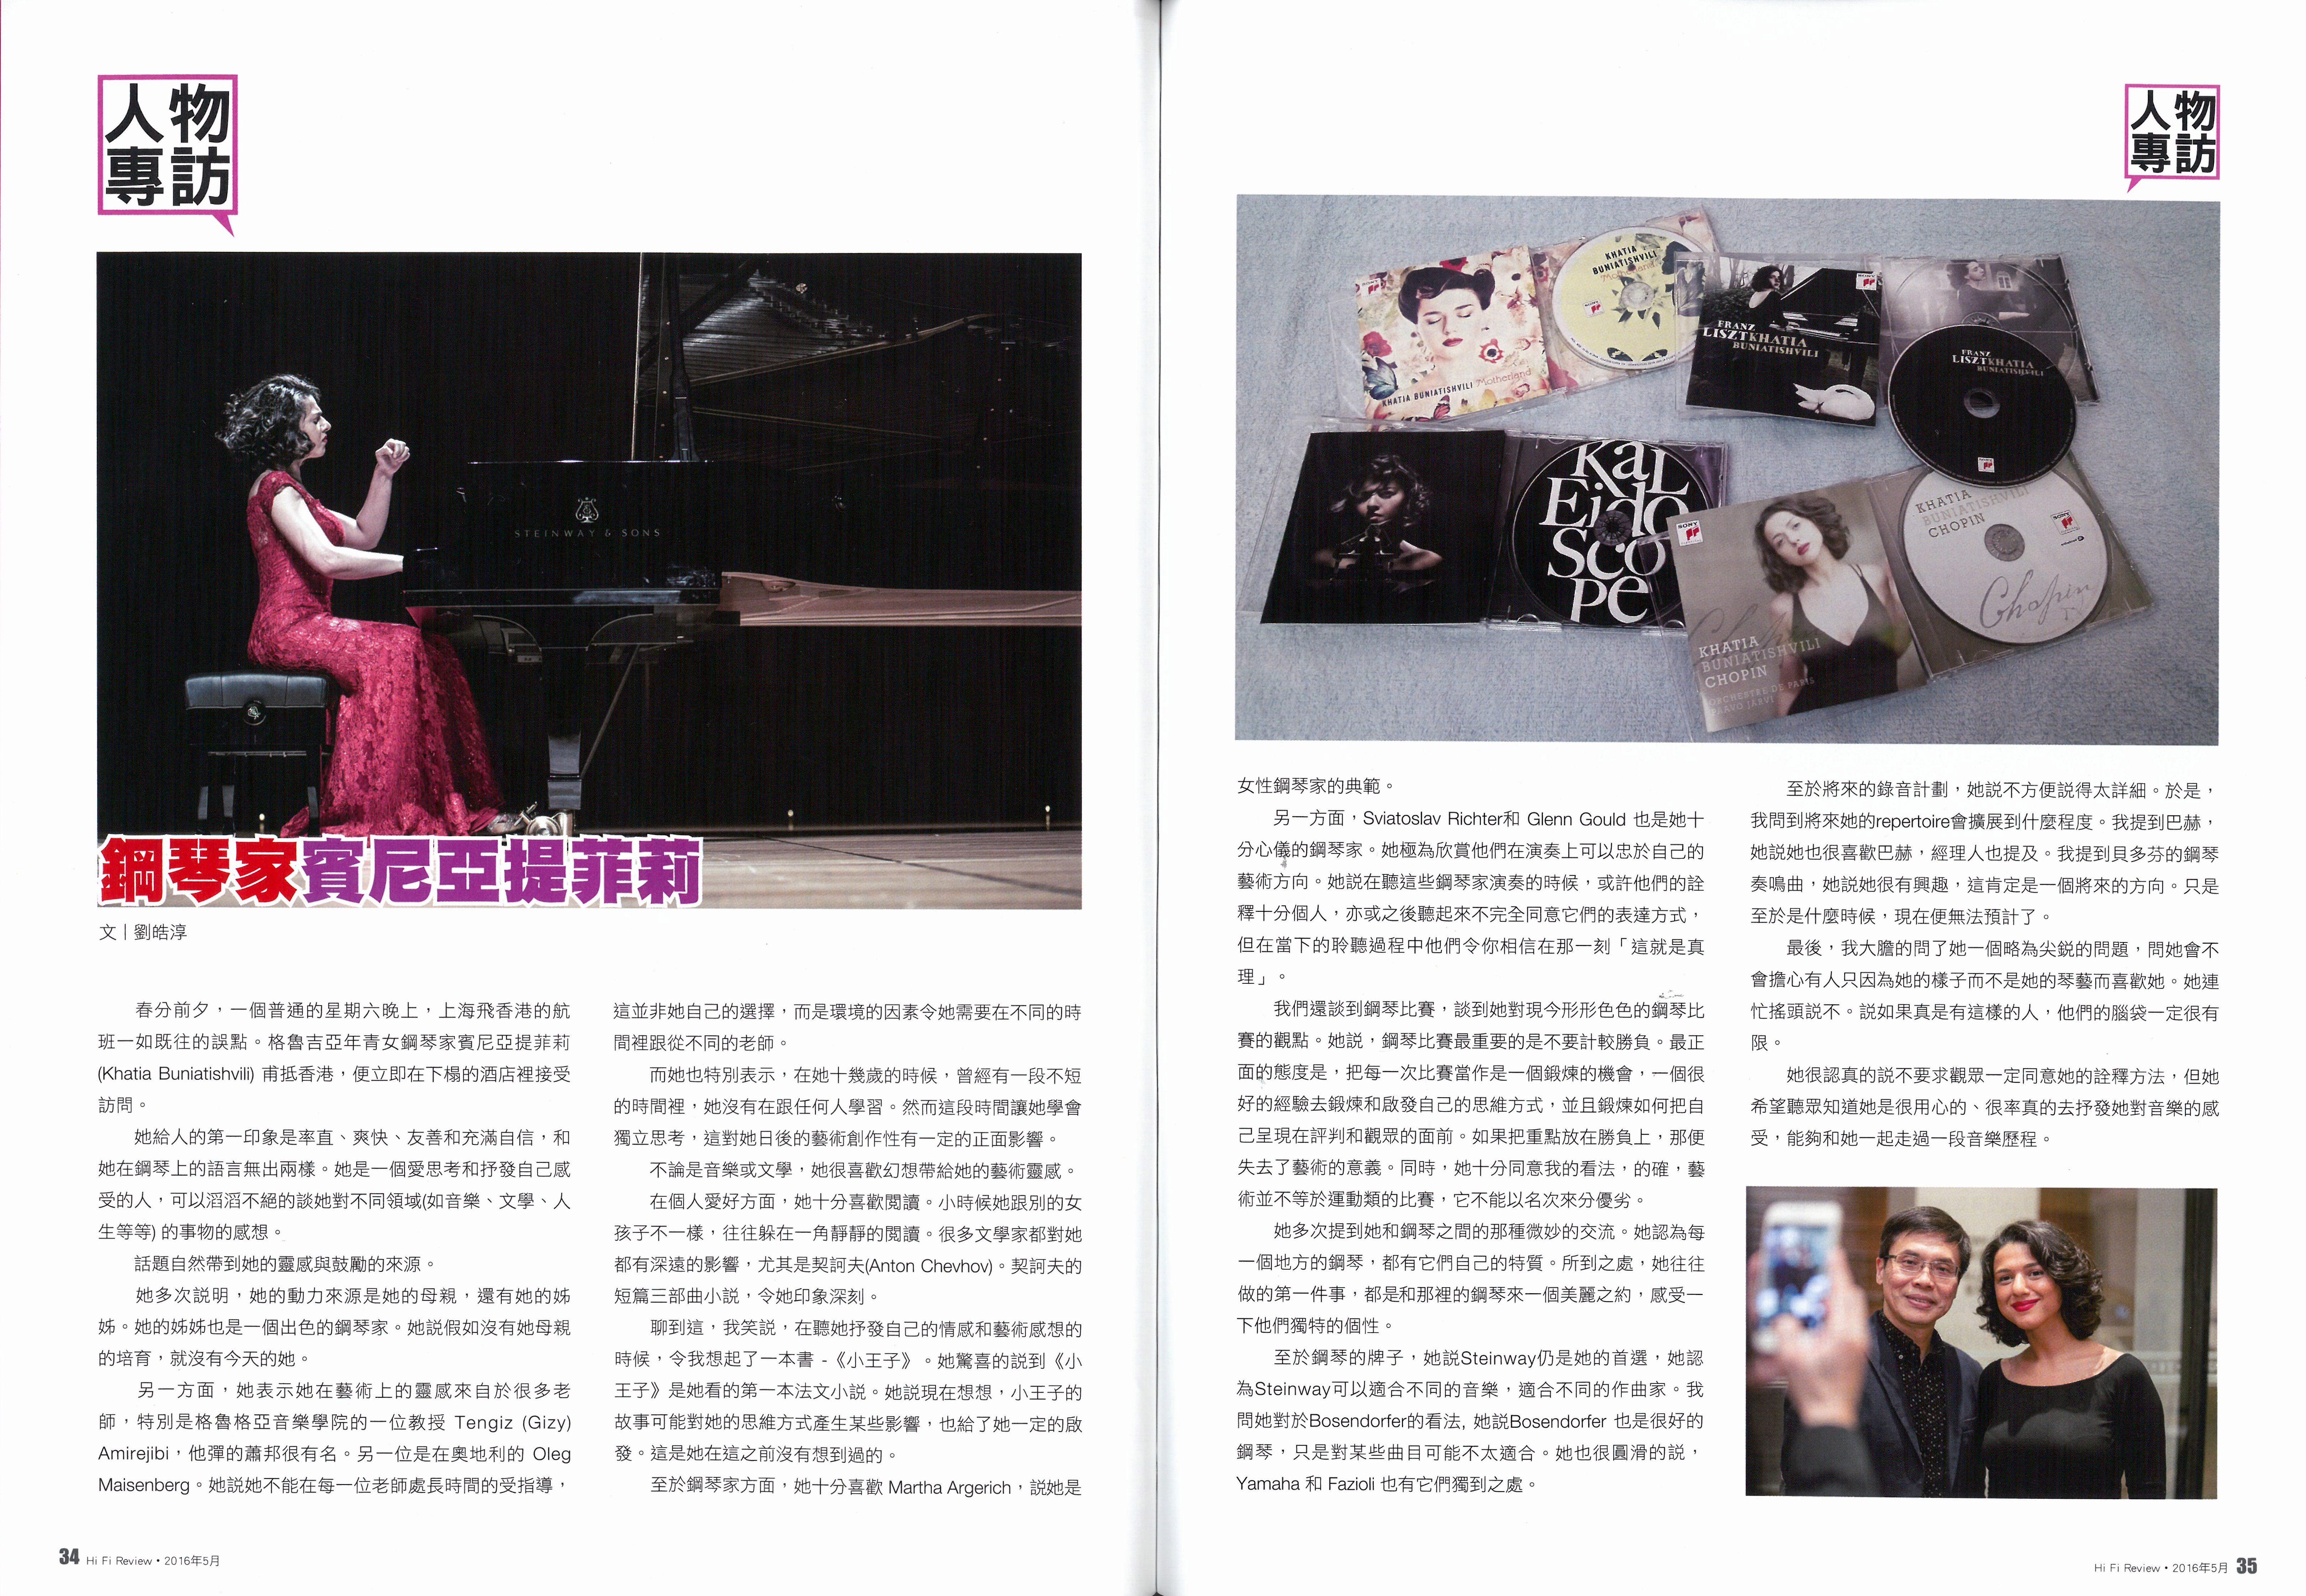 Hi Fi音響Hi Fi Review - Cultural Management Office